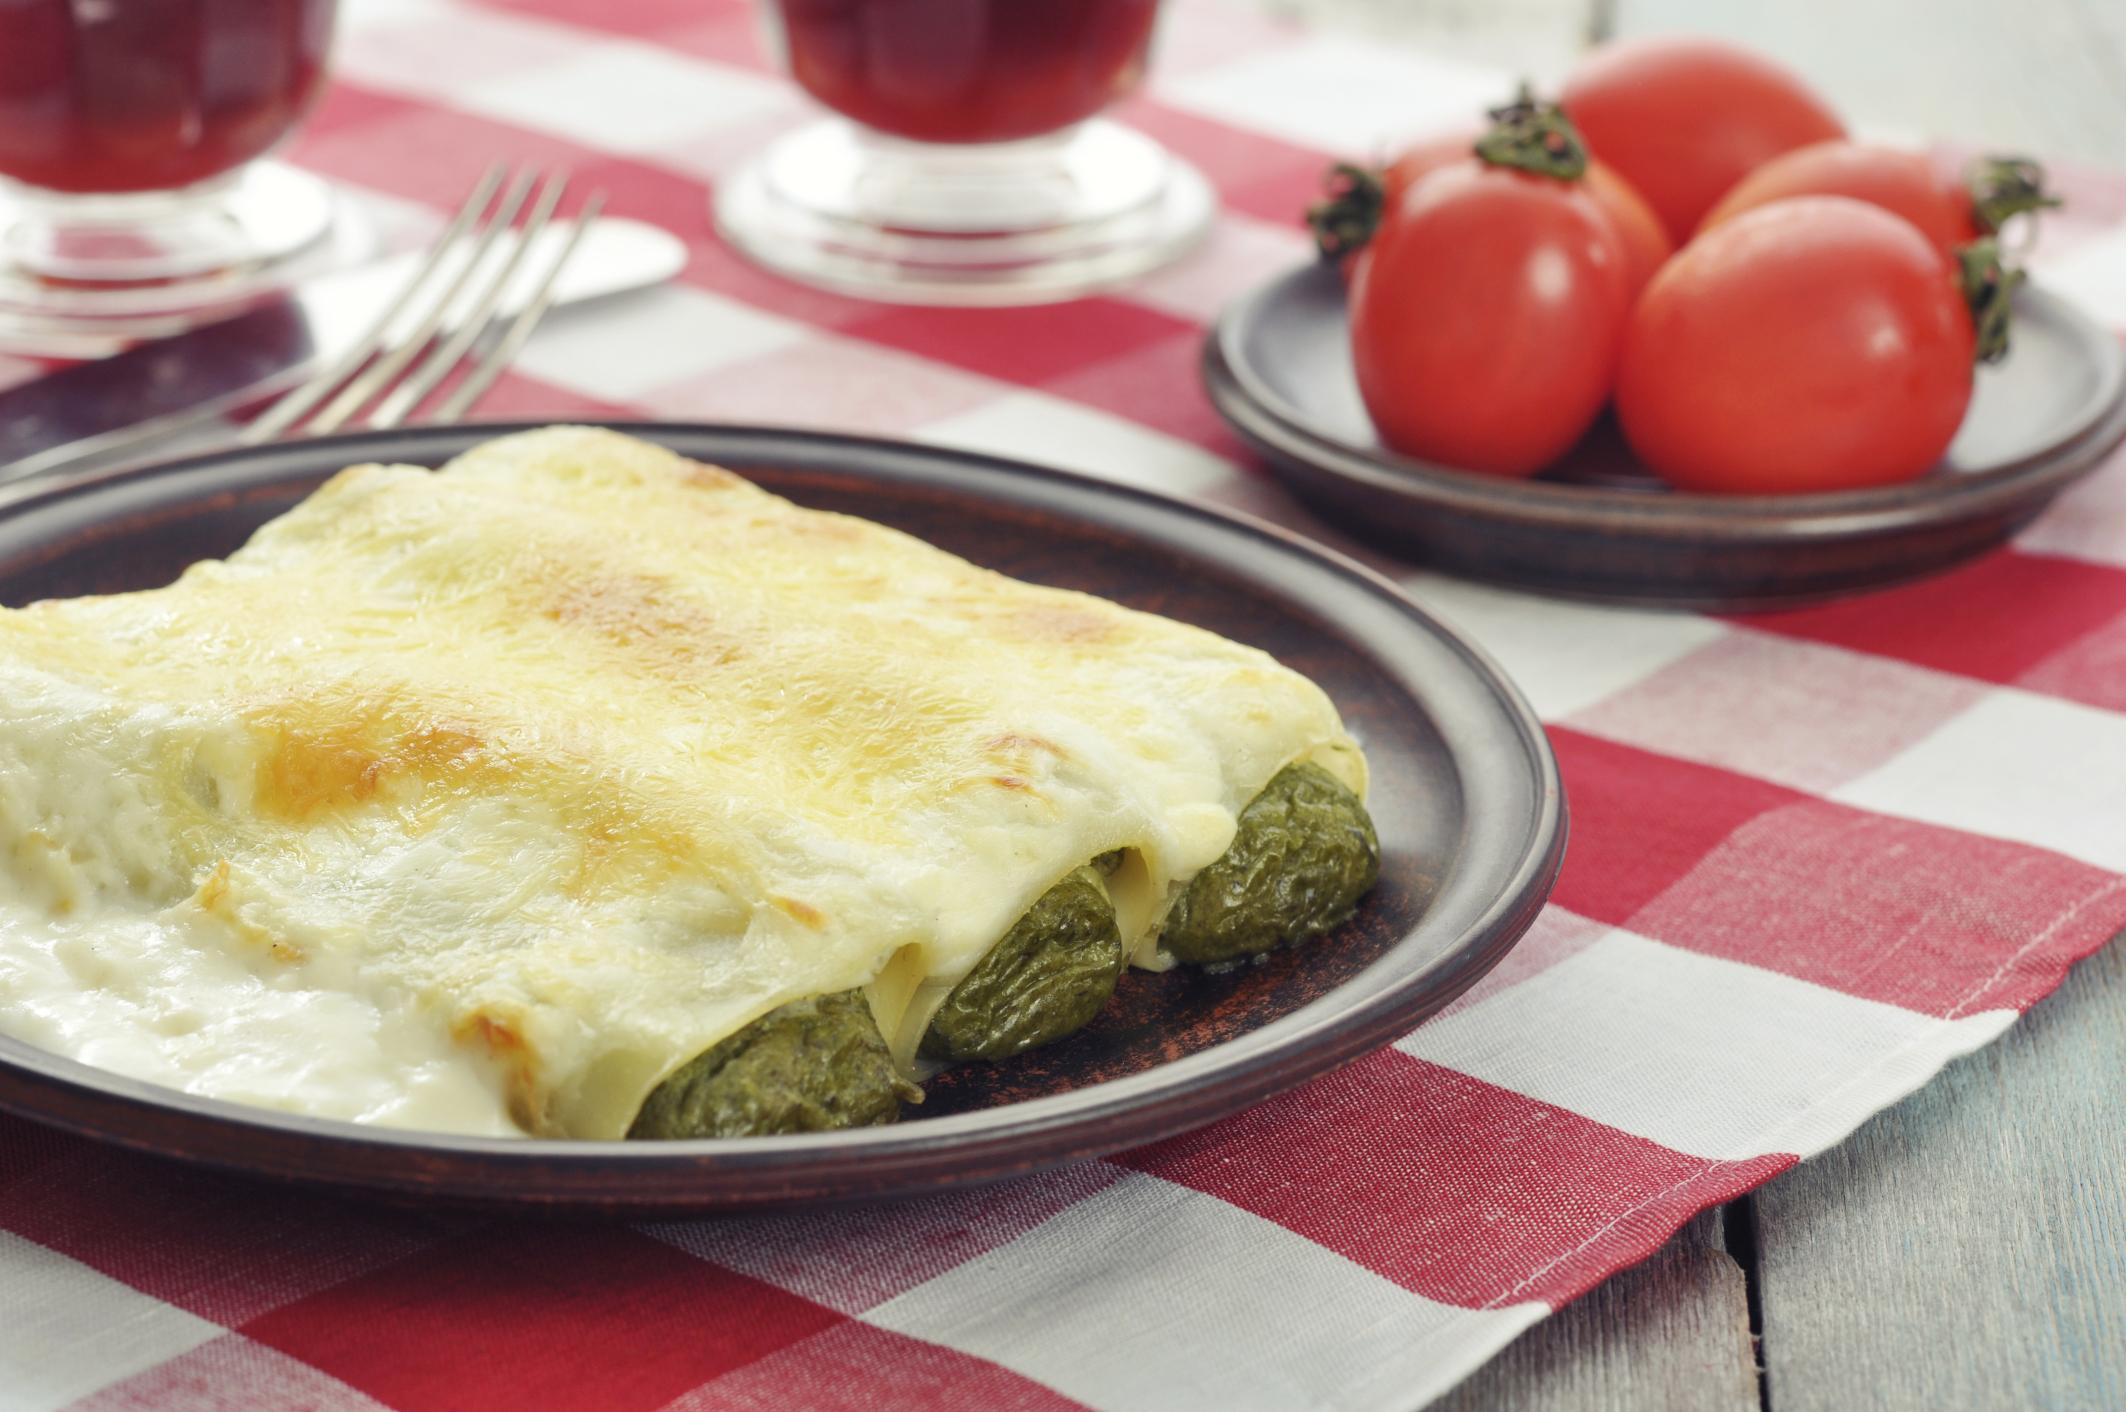 Canelones de espinacas con queso y bechamel